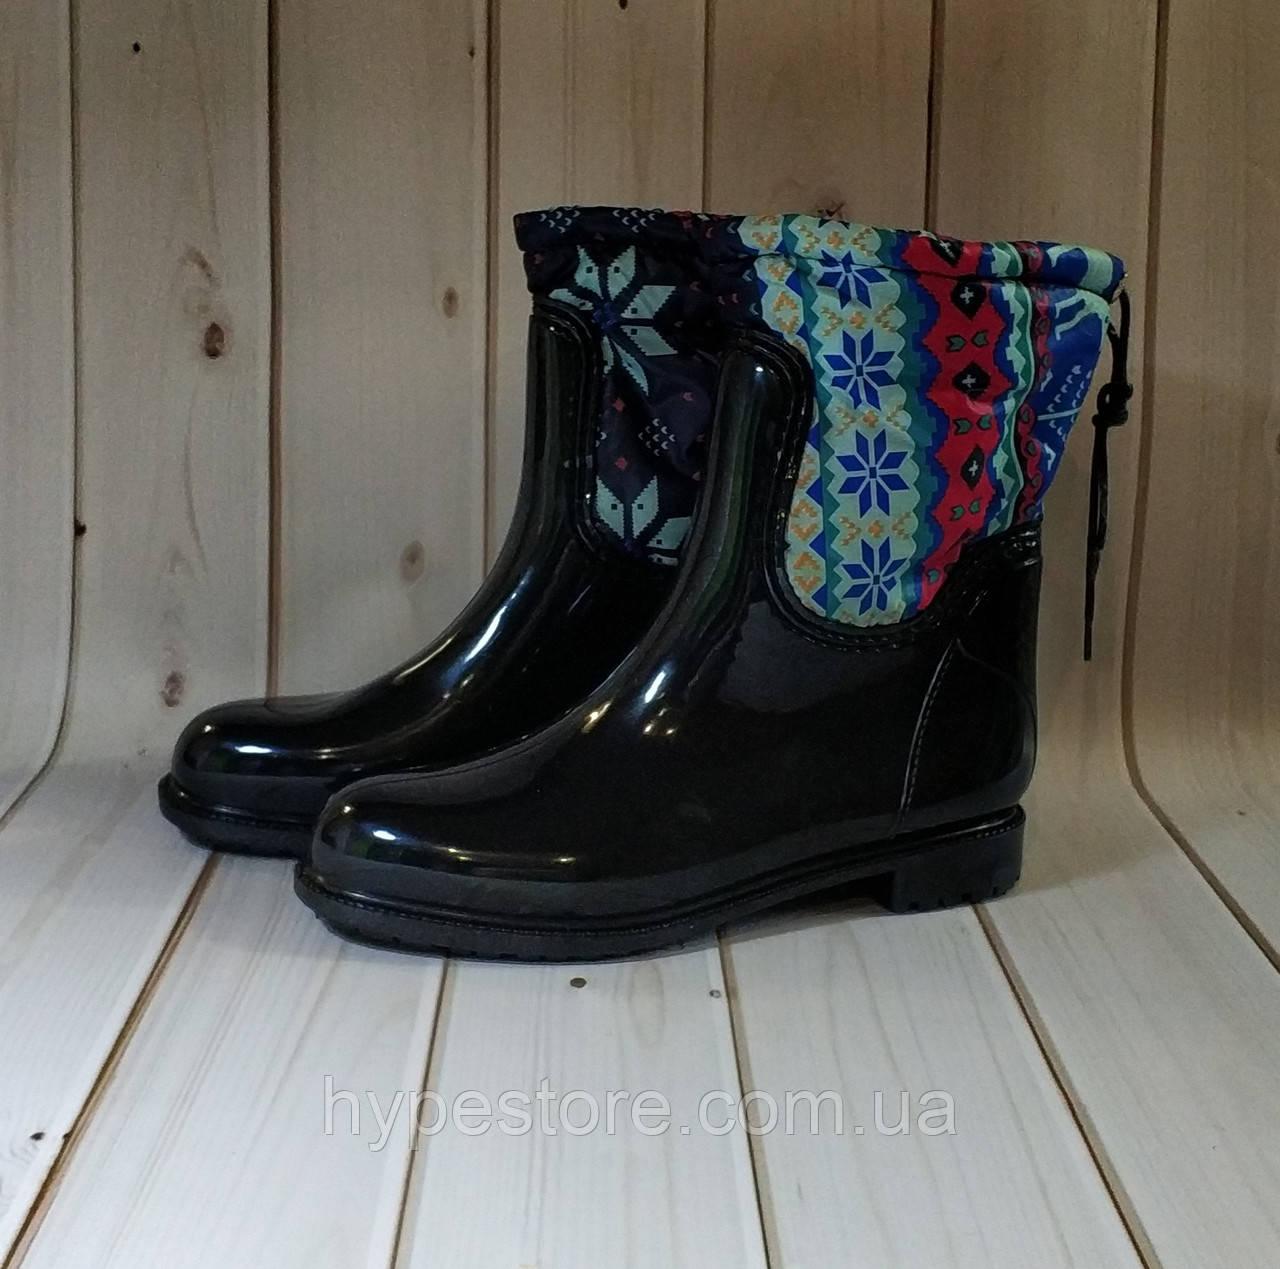 Утепленные женские резиновые сапоги,полусапожки,ботинки,резиновая обувь для девочек